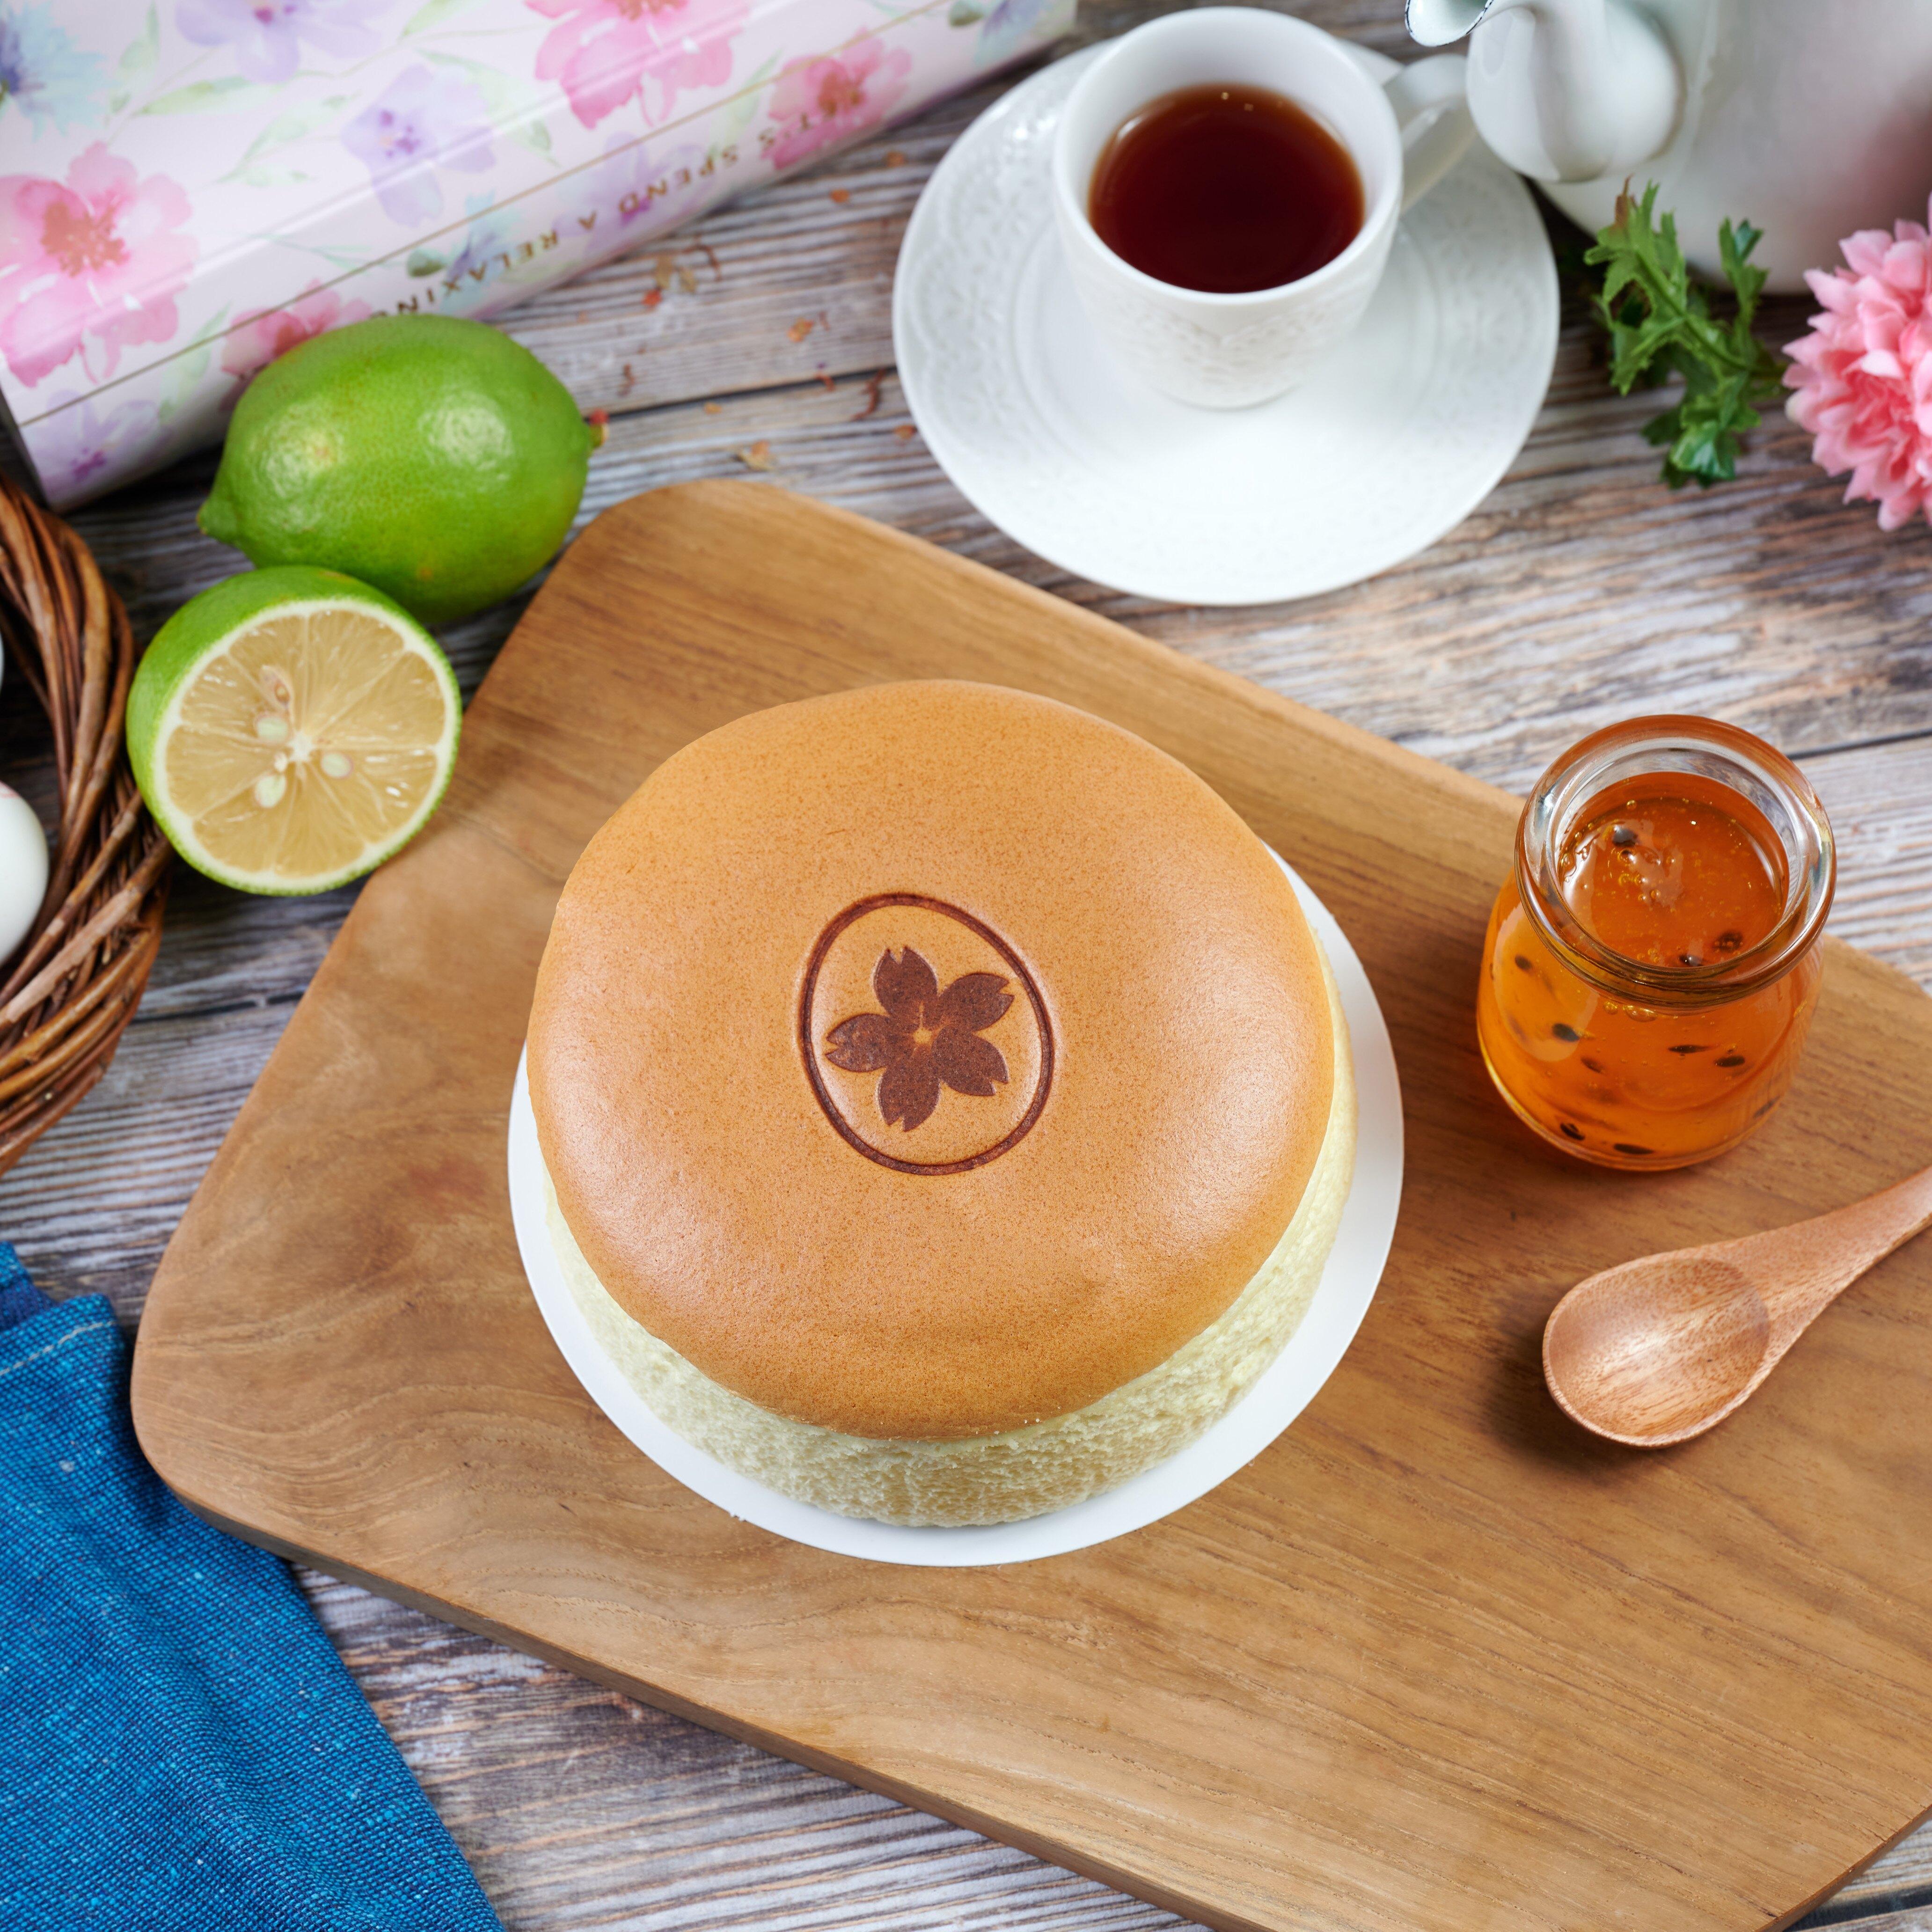 幸福屋 日式輕乳酪蛋糕 夏日微熱百香 6吋 伴手禮~彌月蛋糕~團購美食